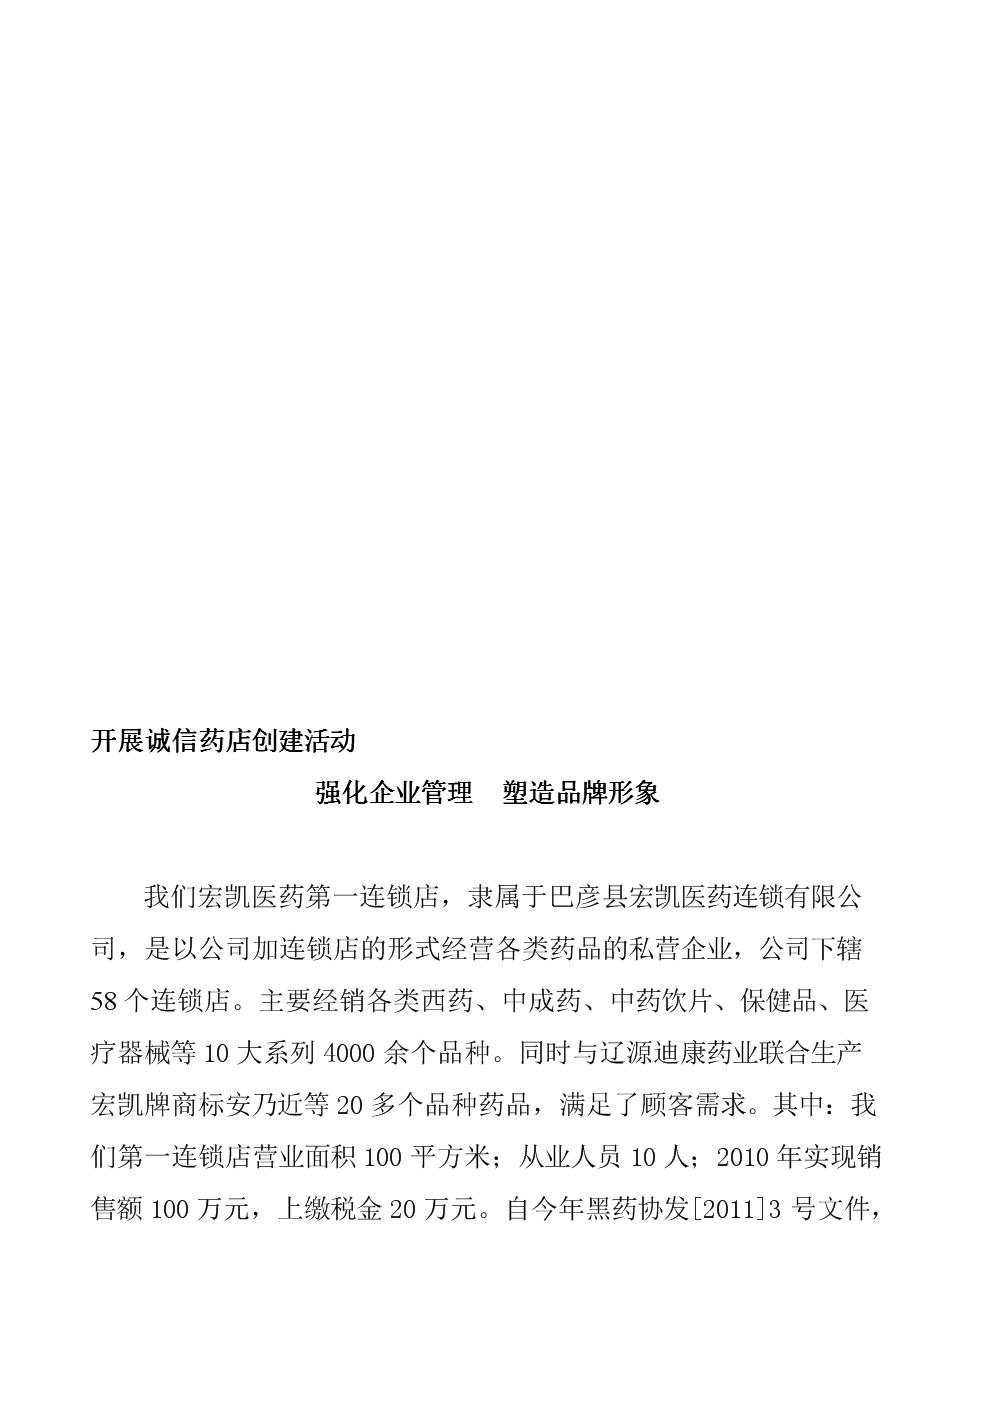 诚信店总结分析.doc